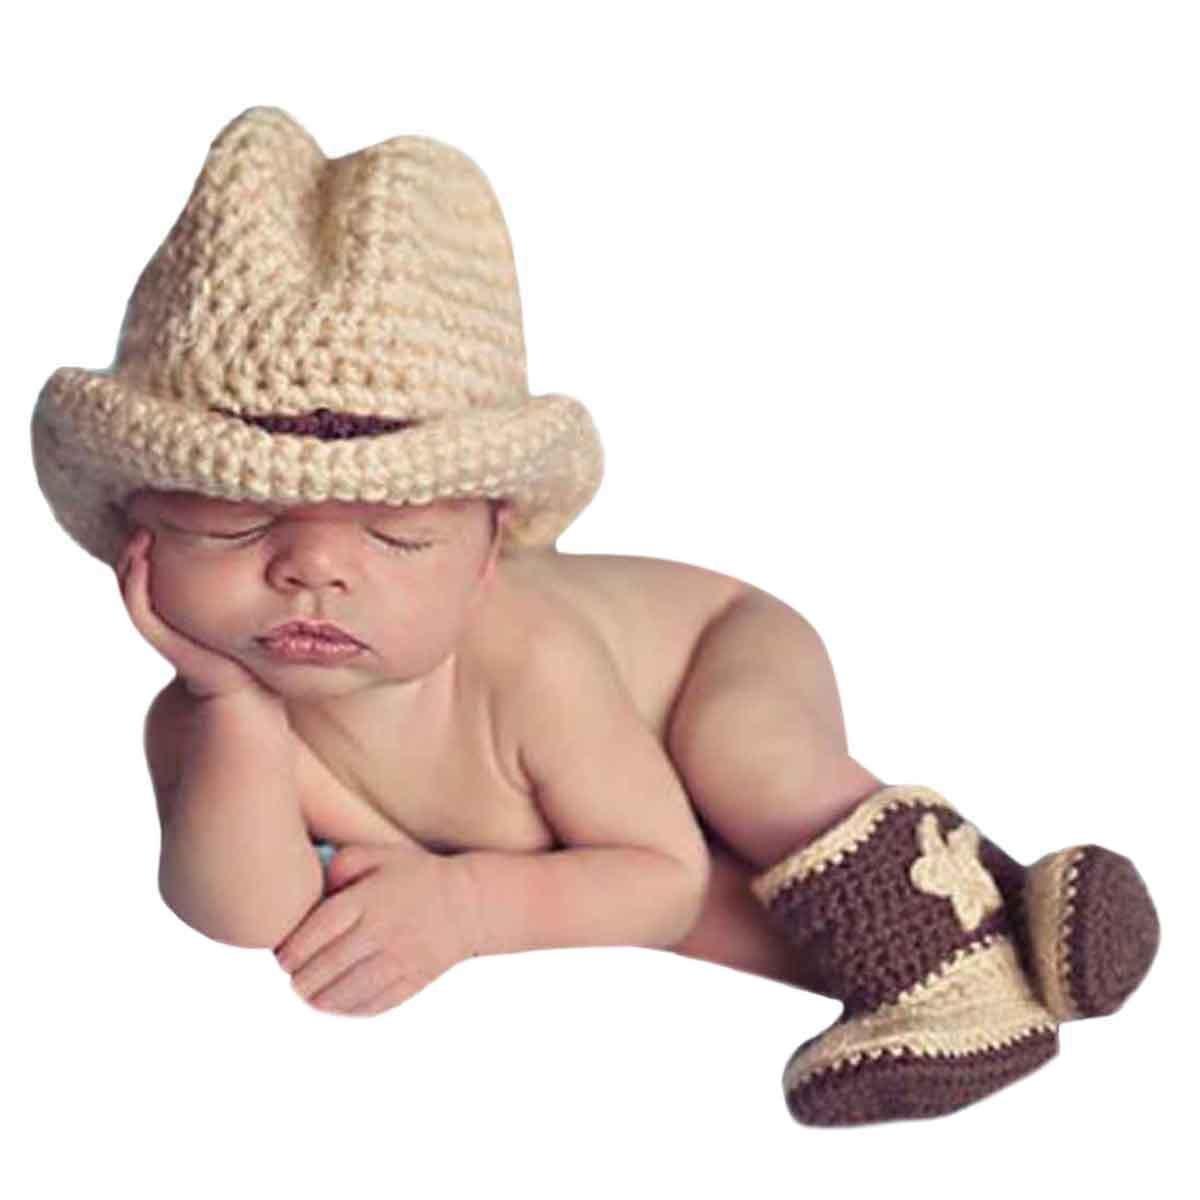 Tolle Frei Babyhäkelarbeit Cowboyhut Muster Ideen - Nähmuster-Ideen ...